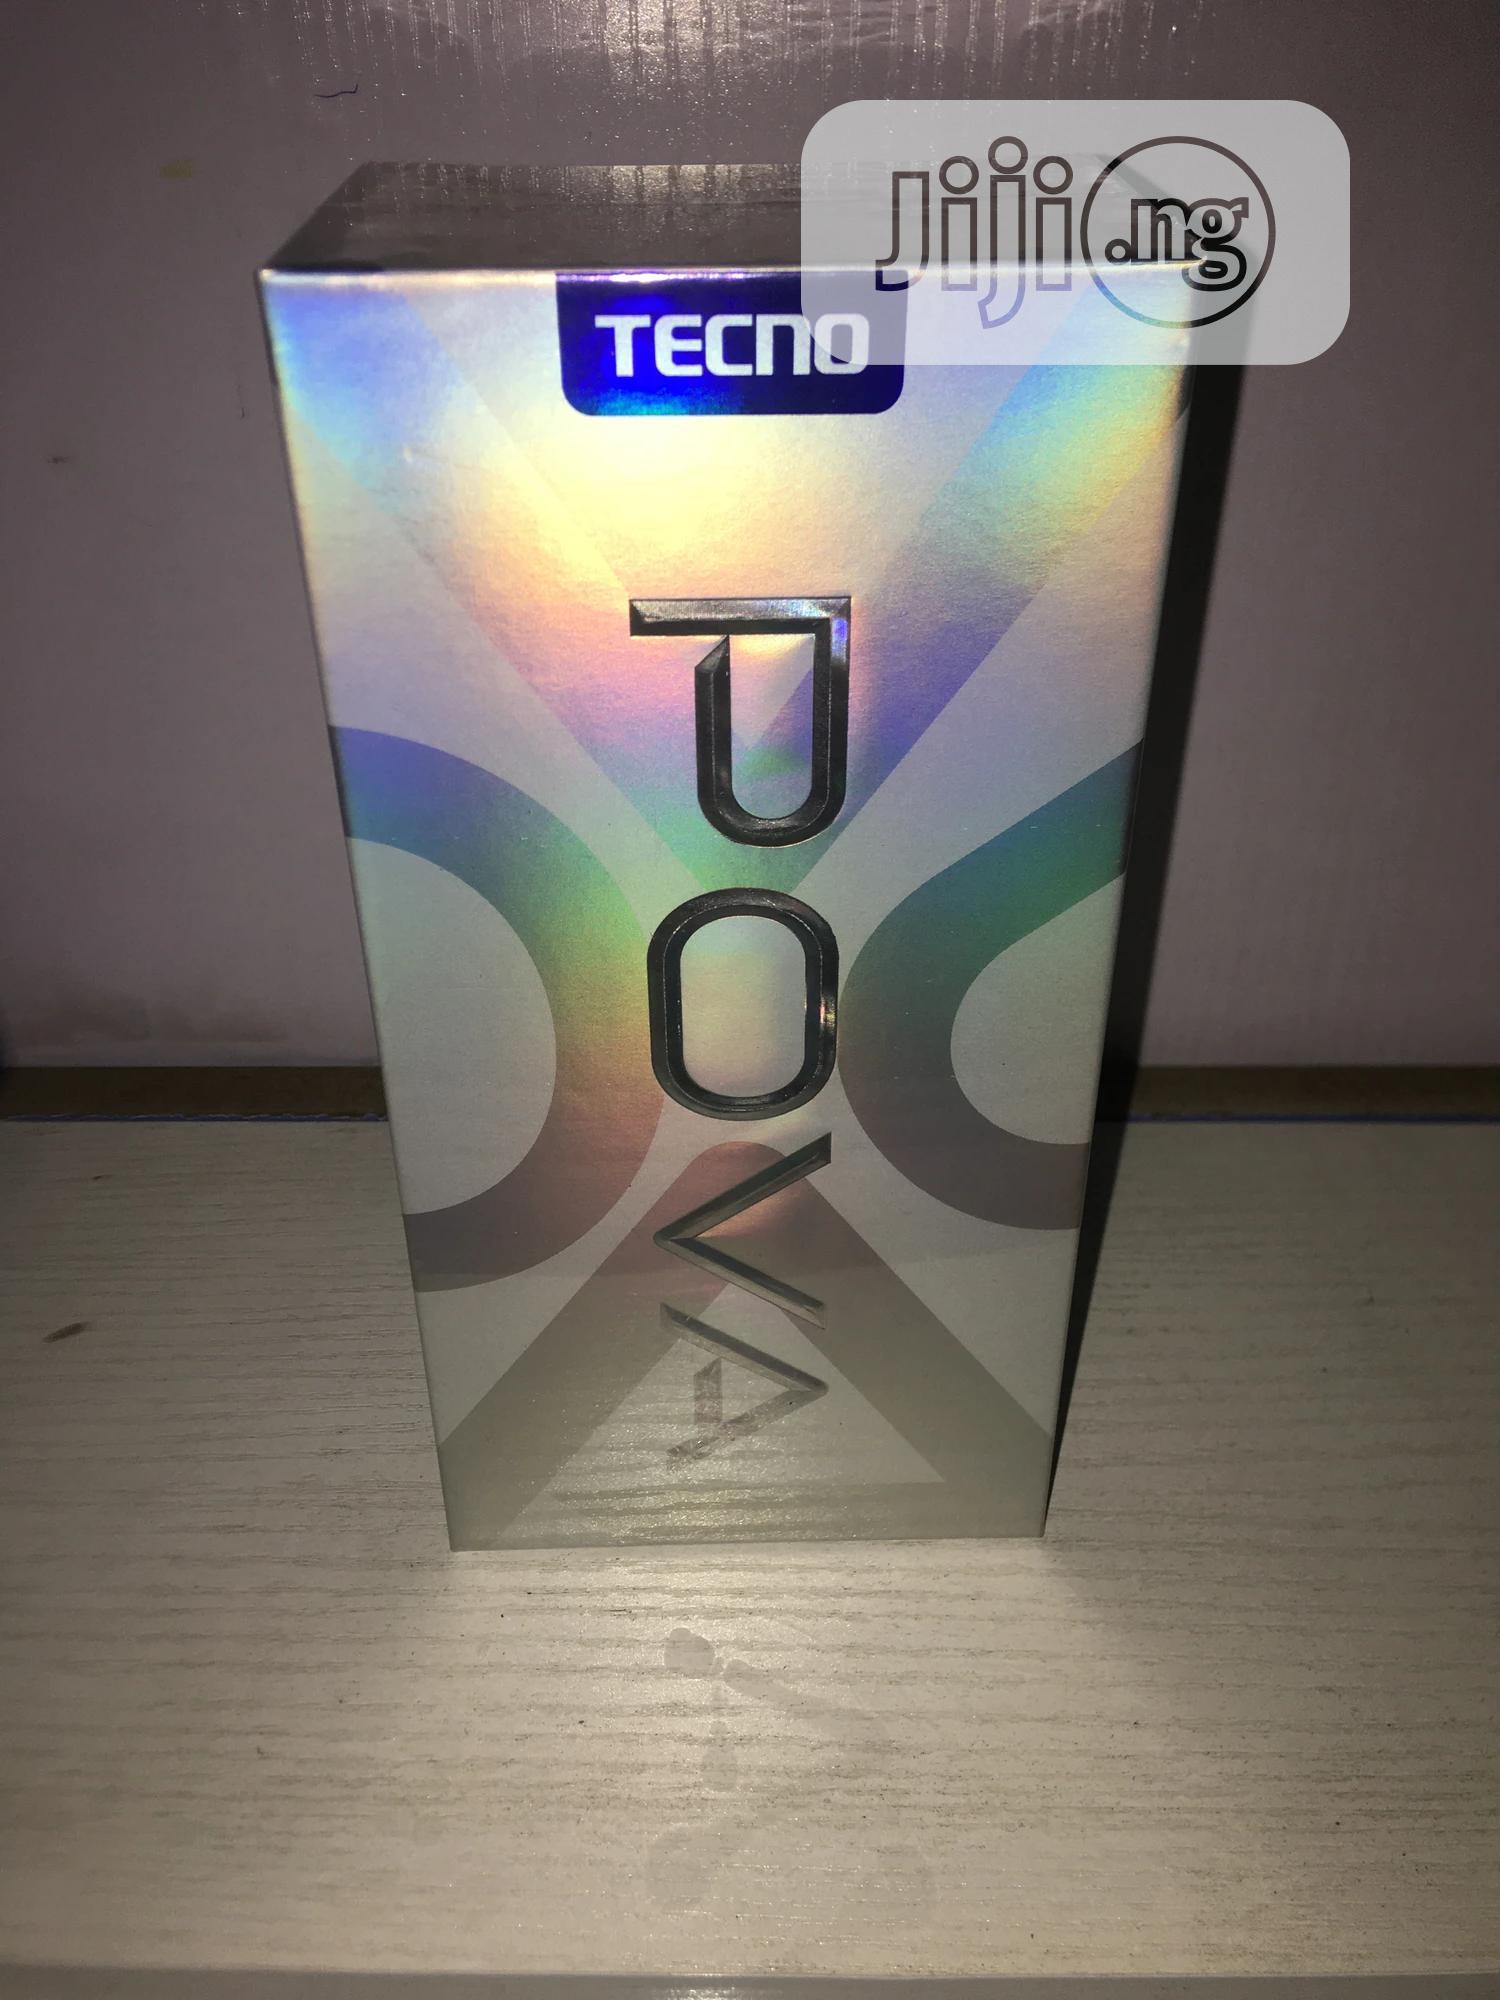 Archive: New Tecno Pova LD7 128 GB